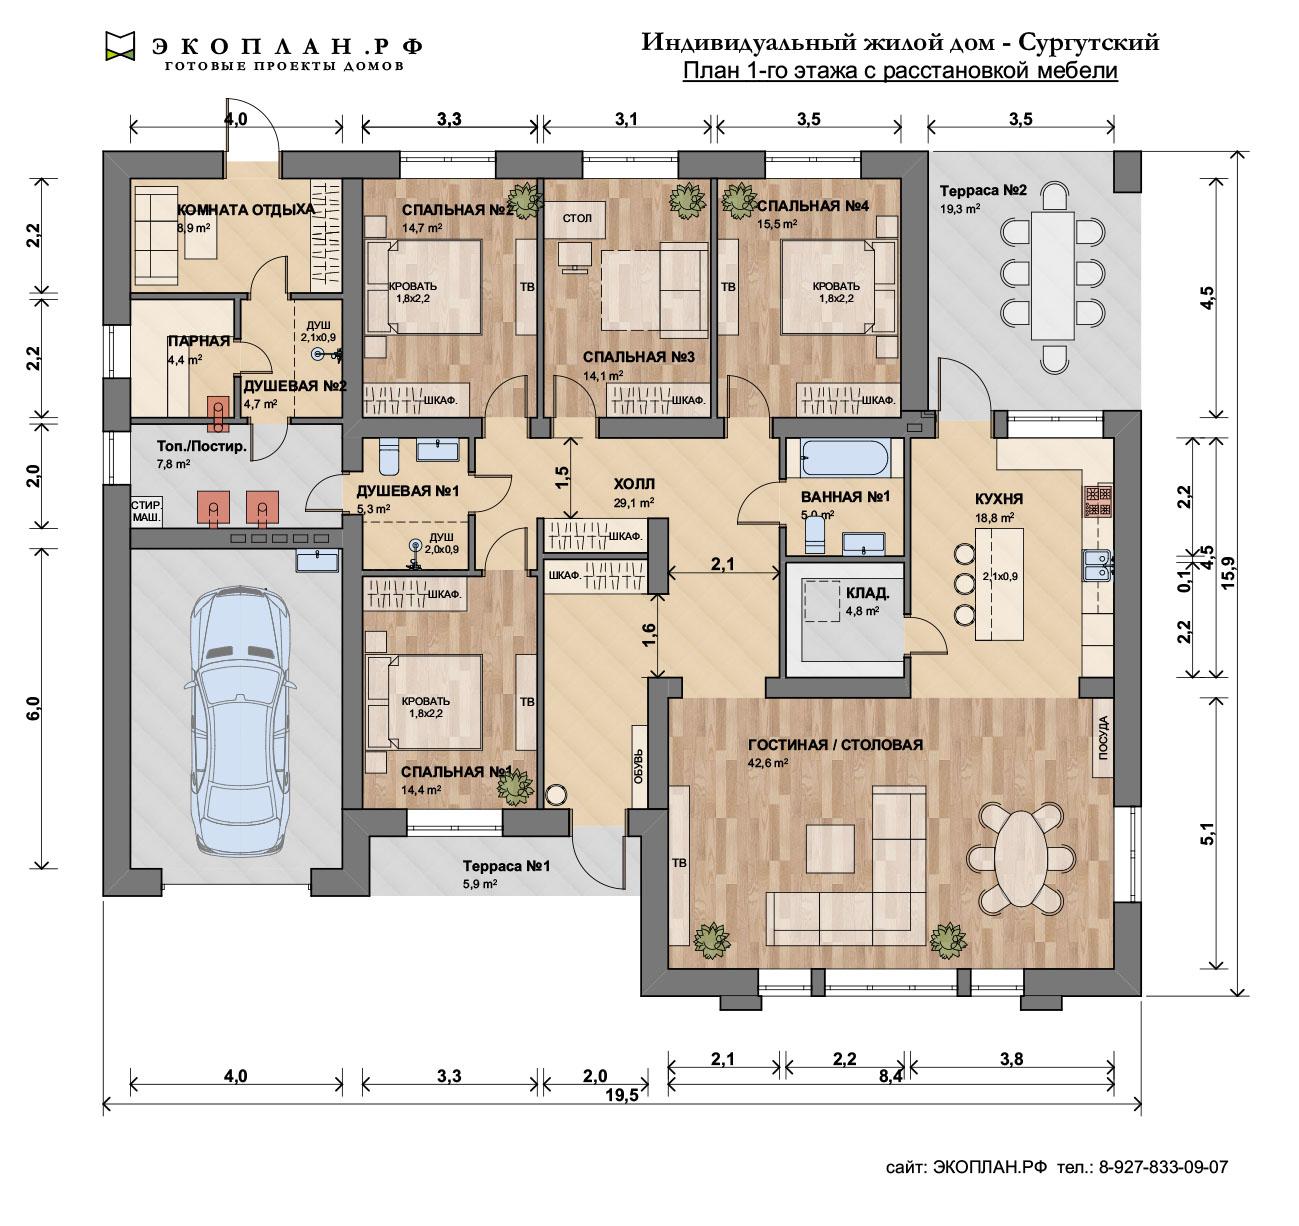 Сургутский - Экоплан - Готовый проект дома - Ул план